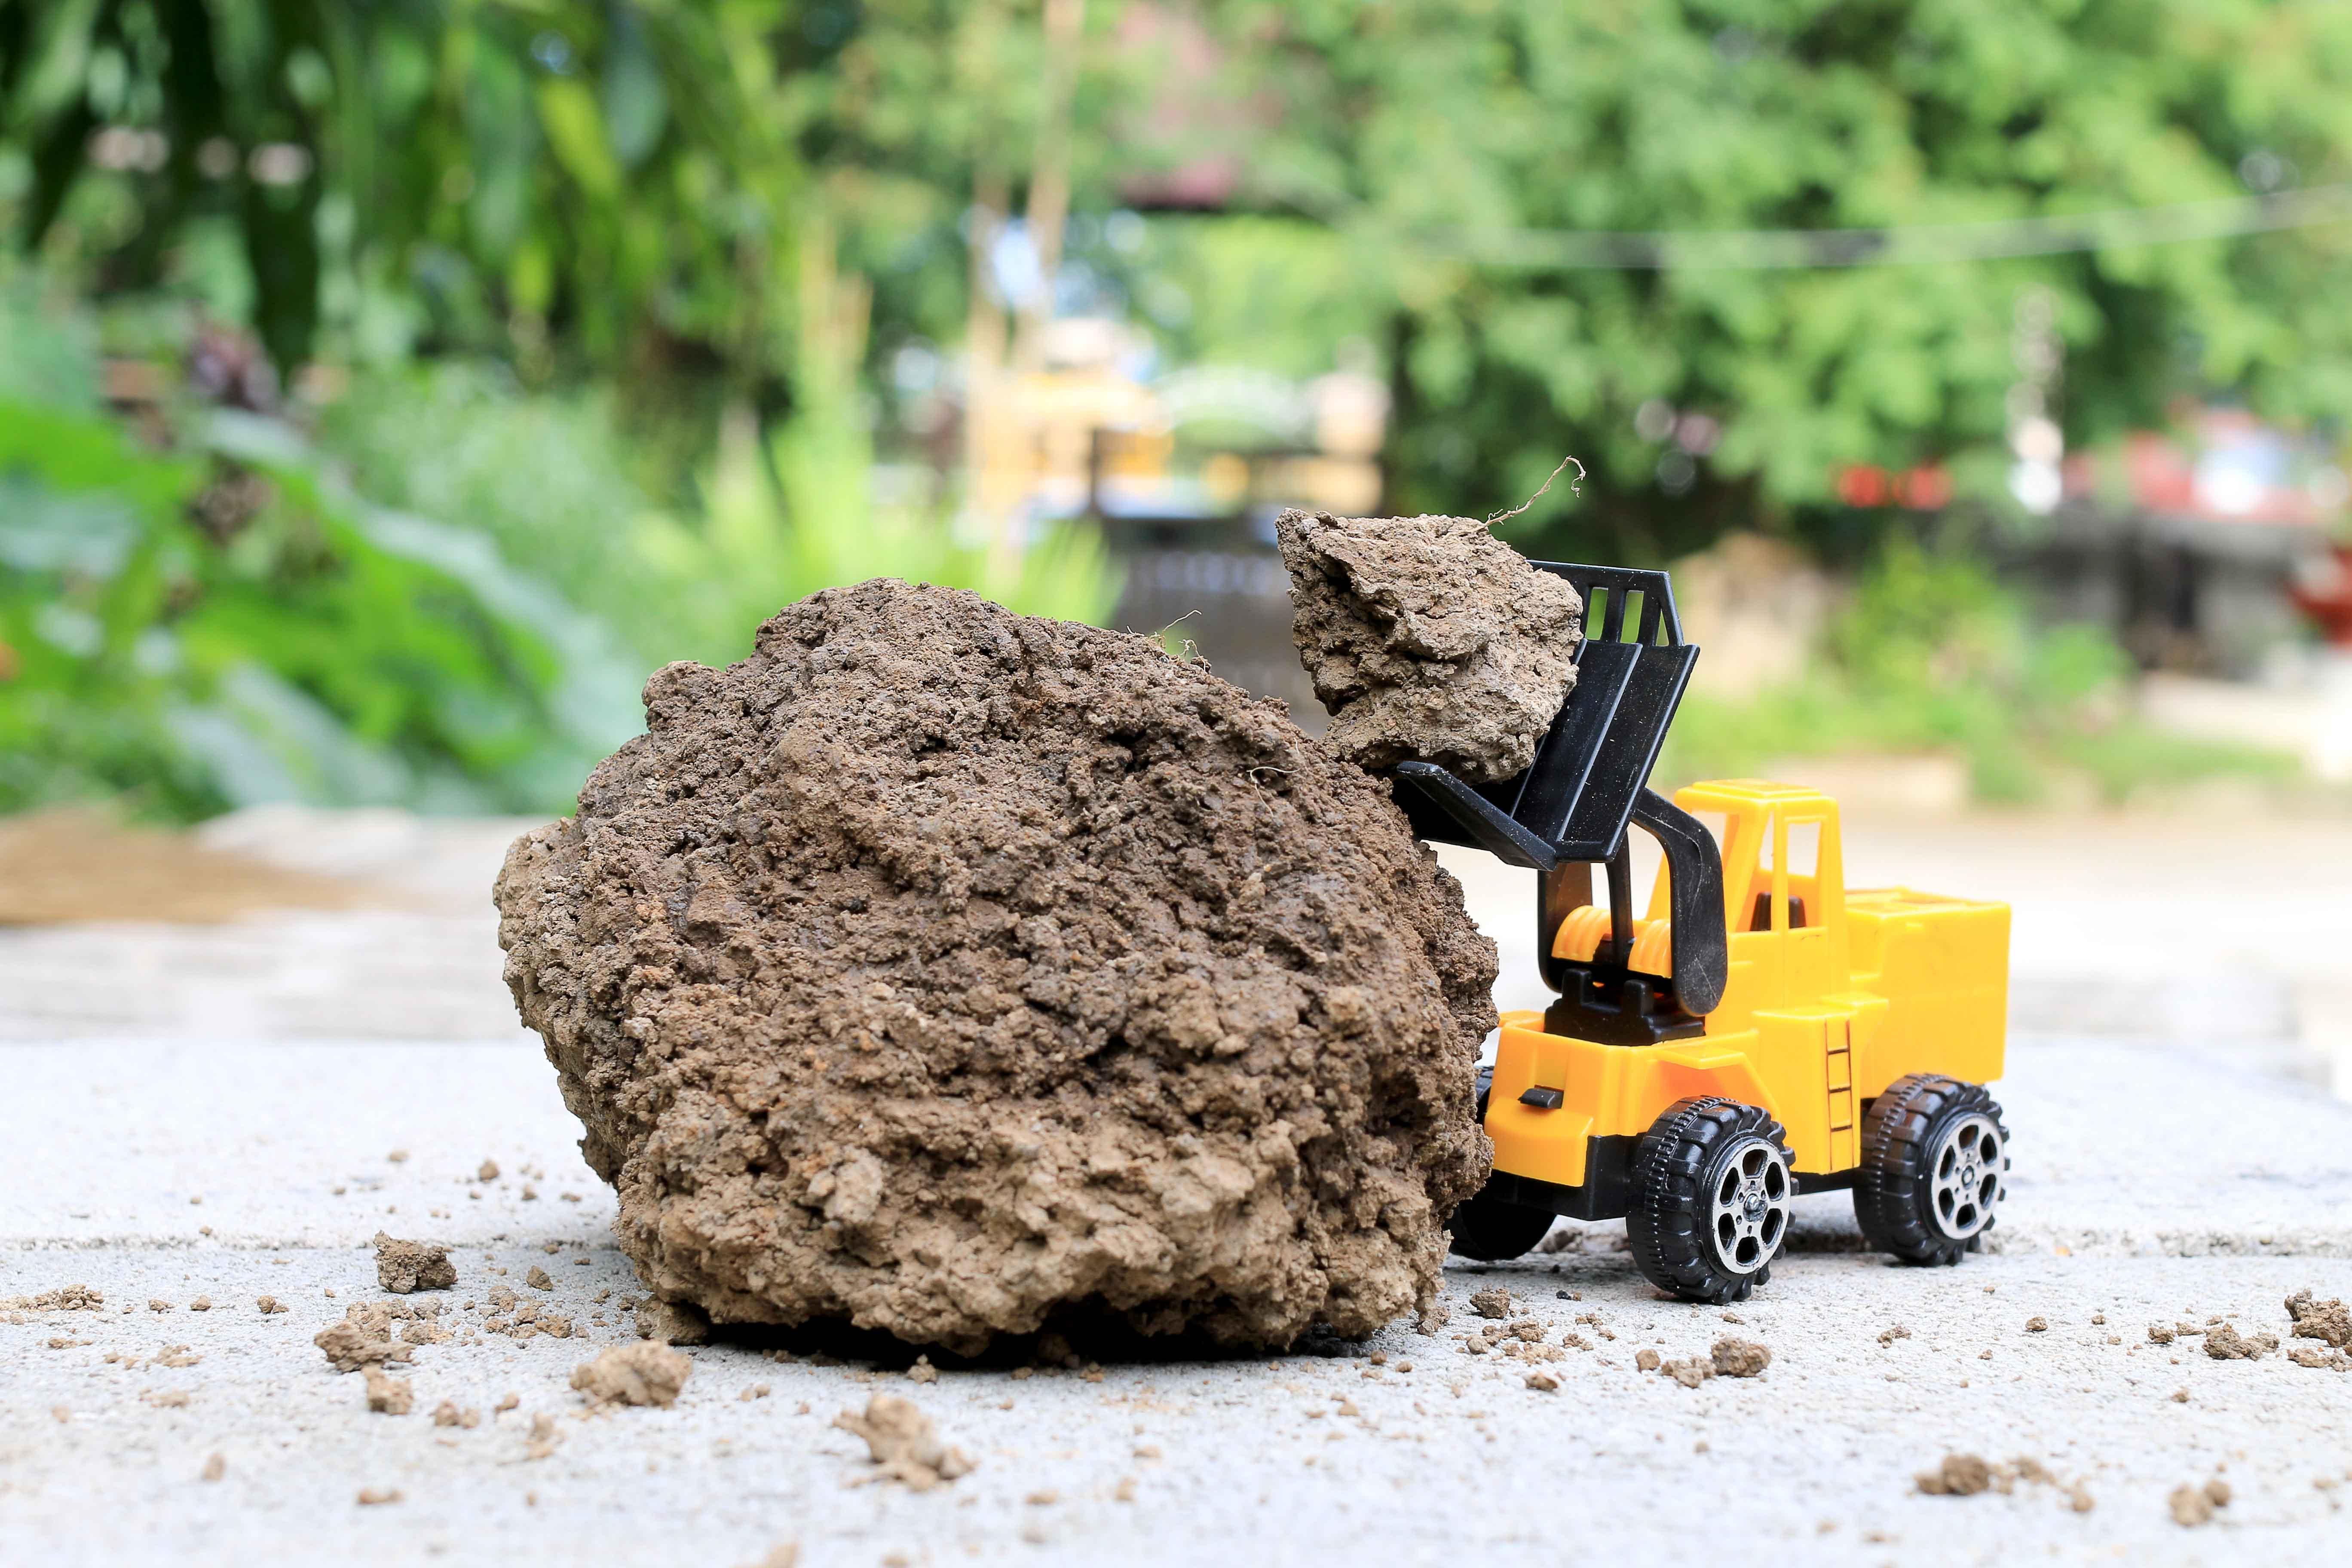 Cargadora de juguete cargando tierra